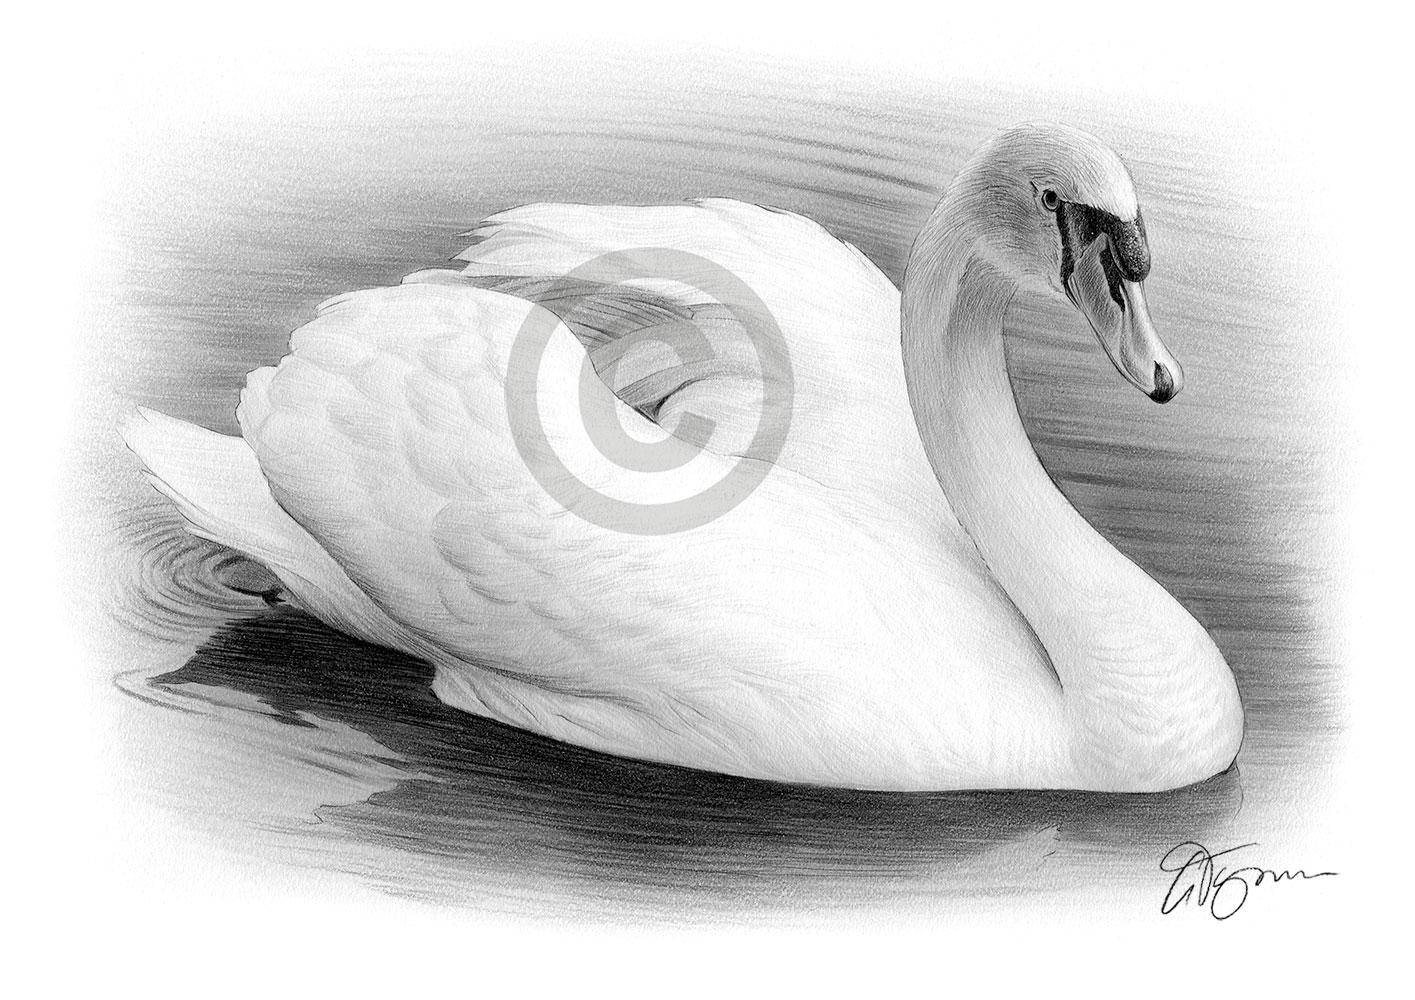 Scribble Pencil Drawings : Swan drawings in pencil imgkid the image kid